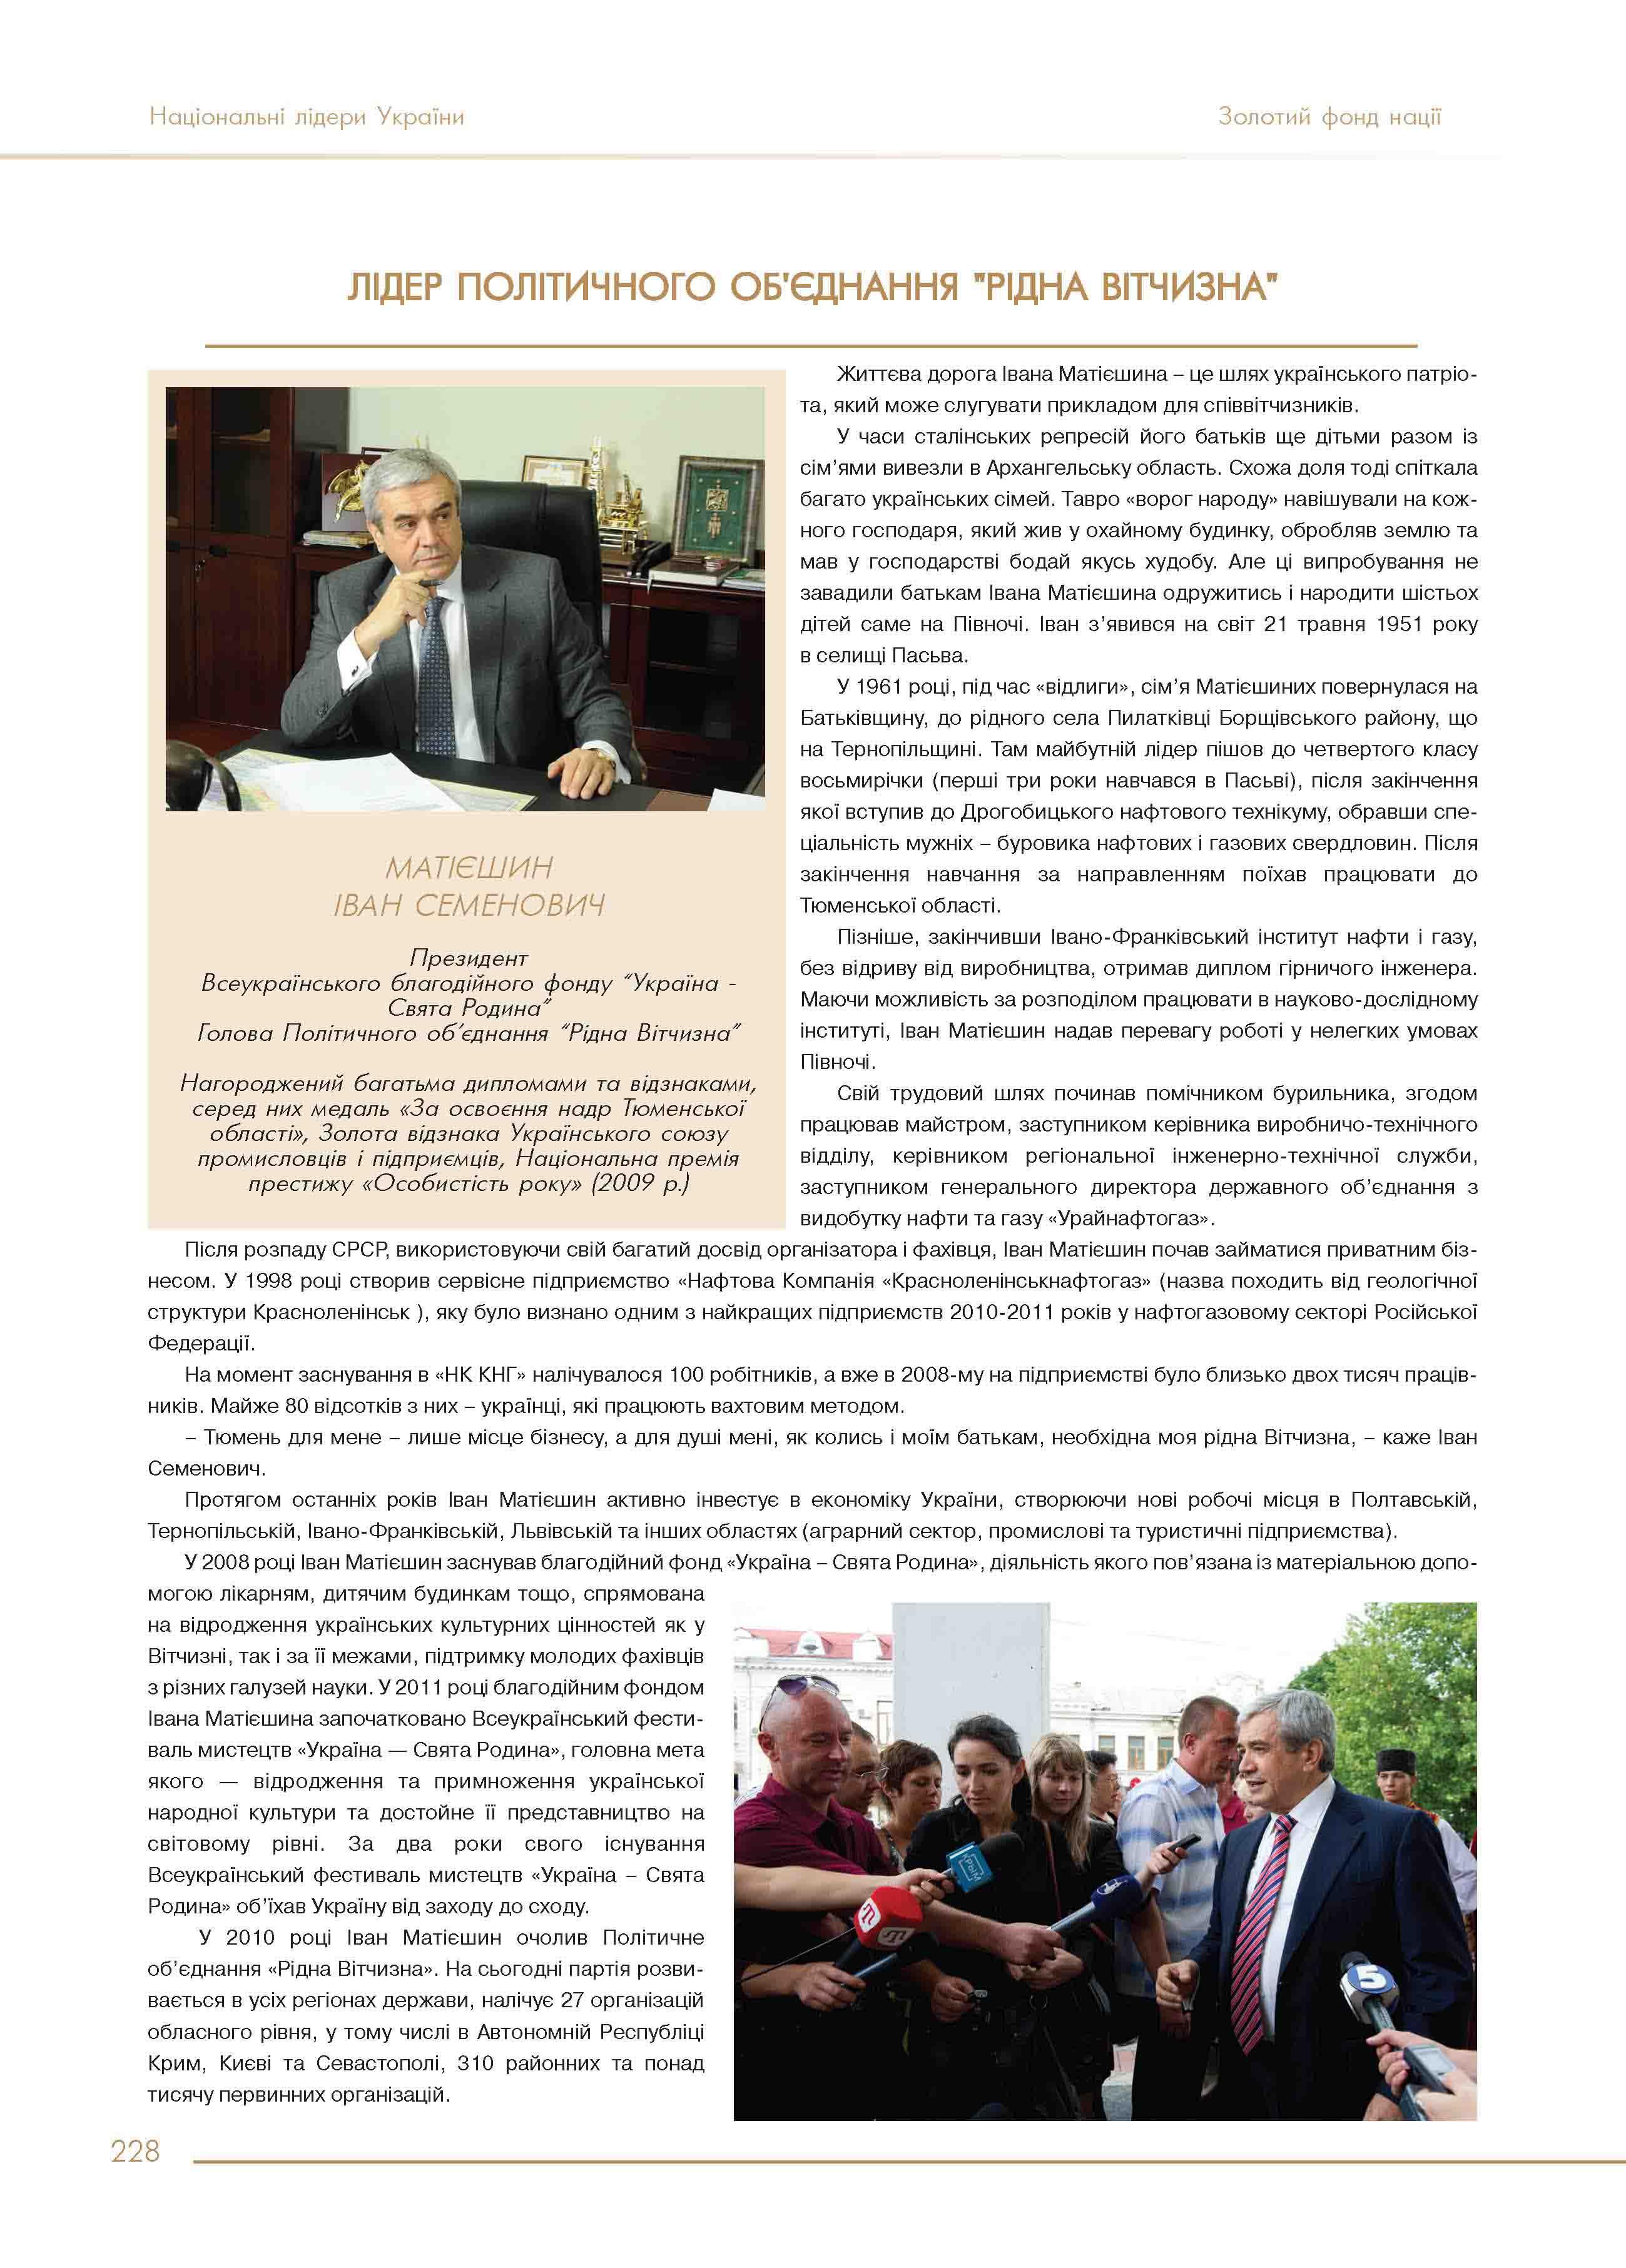 Матієшин Іван Семенович. Президент Всеукраїнського благодійного фонду